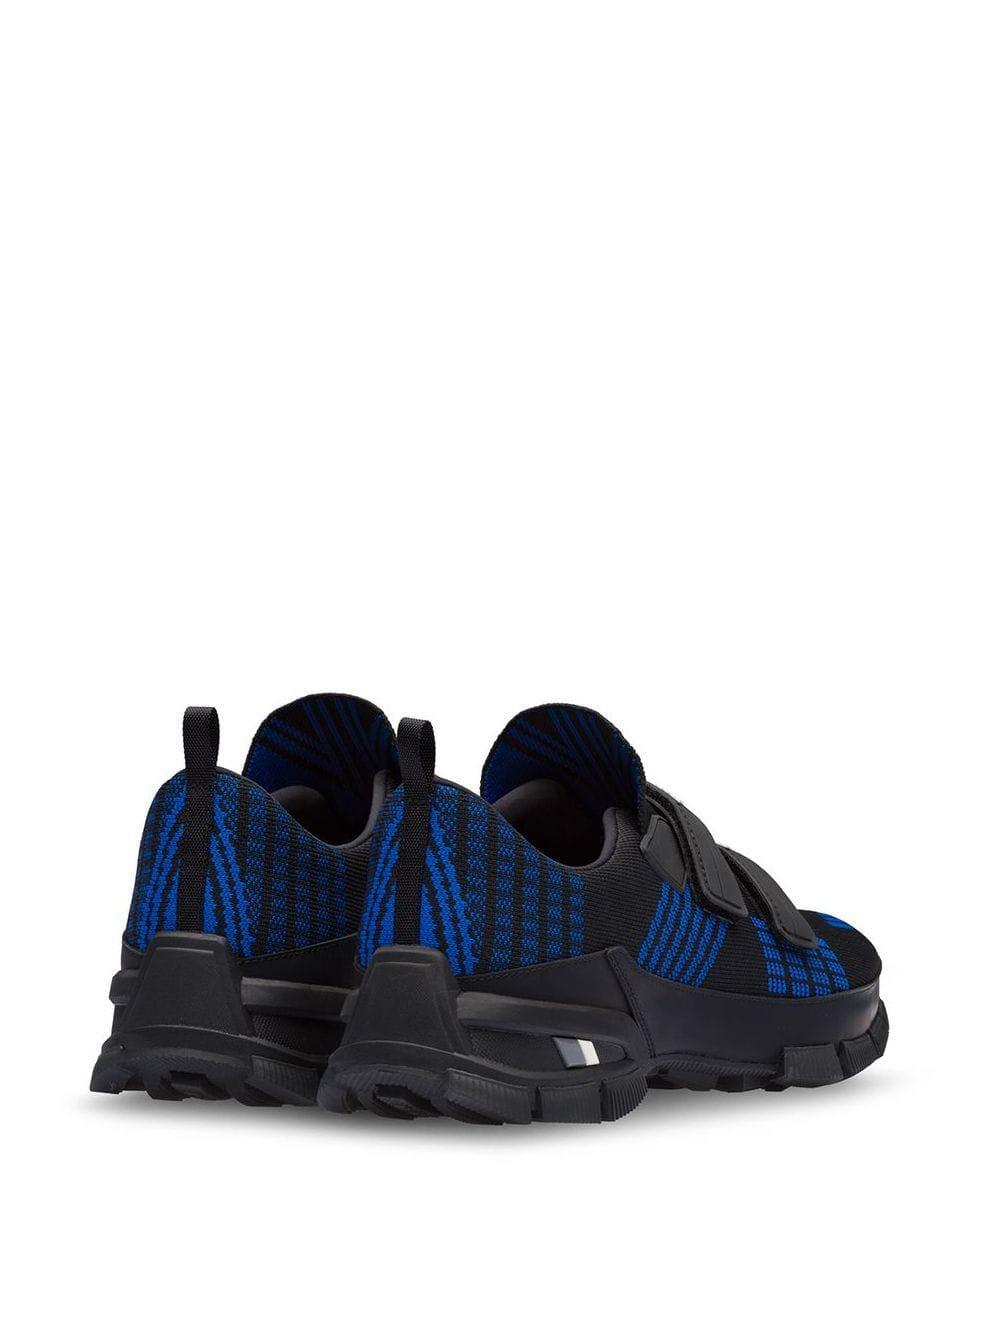 Prada Synthetisch Crossection Gebreide Sneakers in het Zwart voor heren